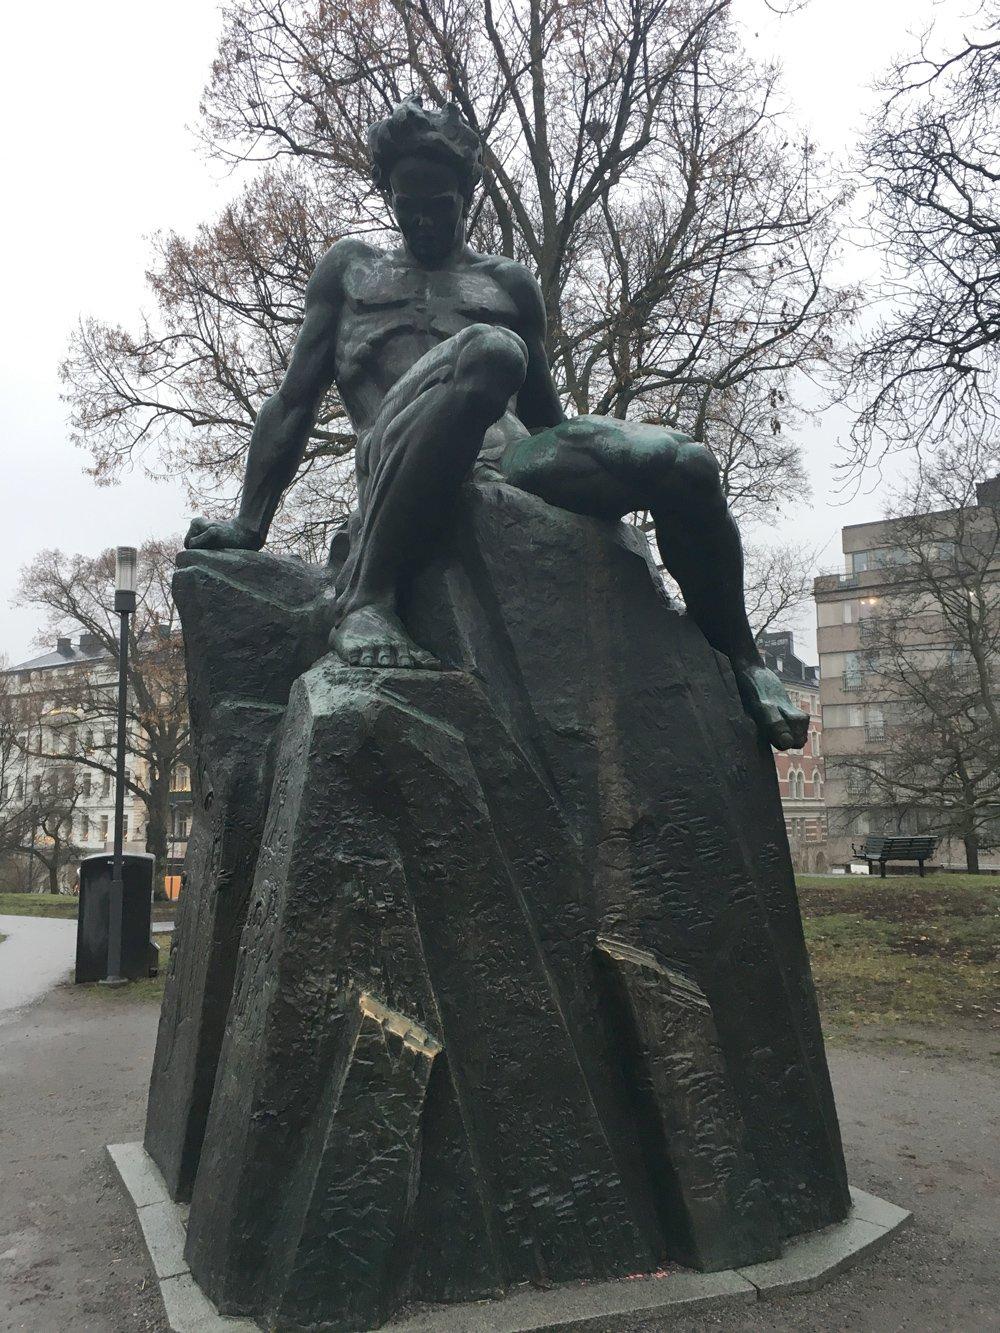 Strindbergsmonumentet, Carl Eldth, Tegnérlunden, Stockholm